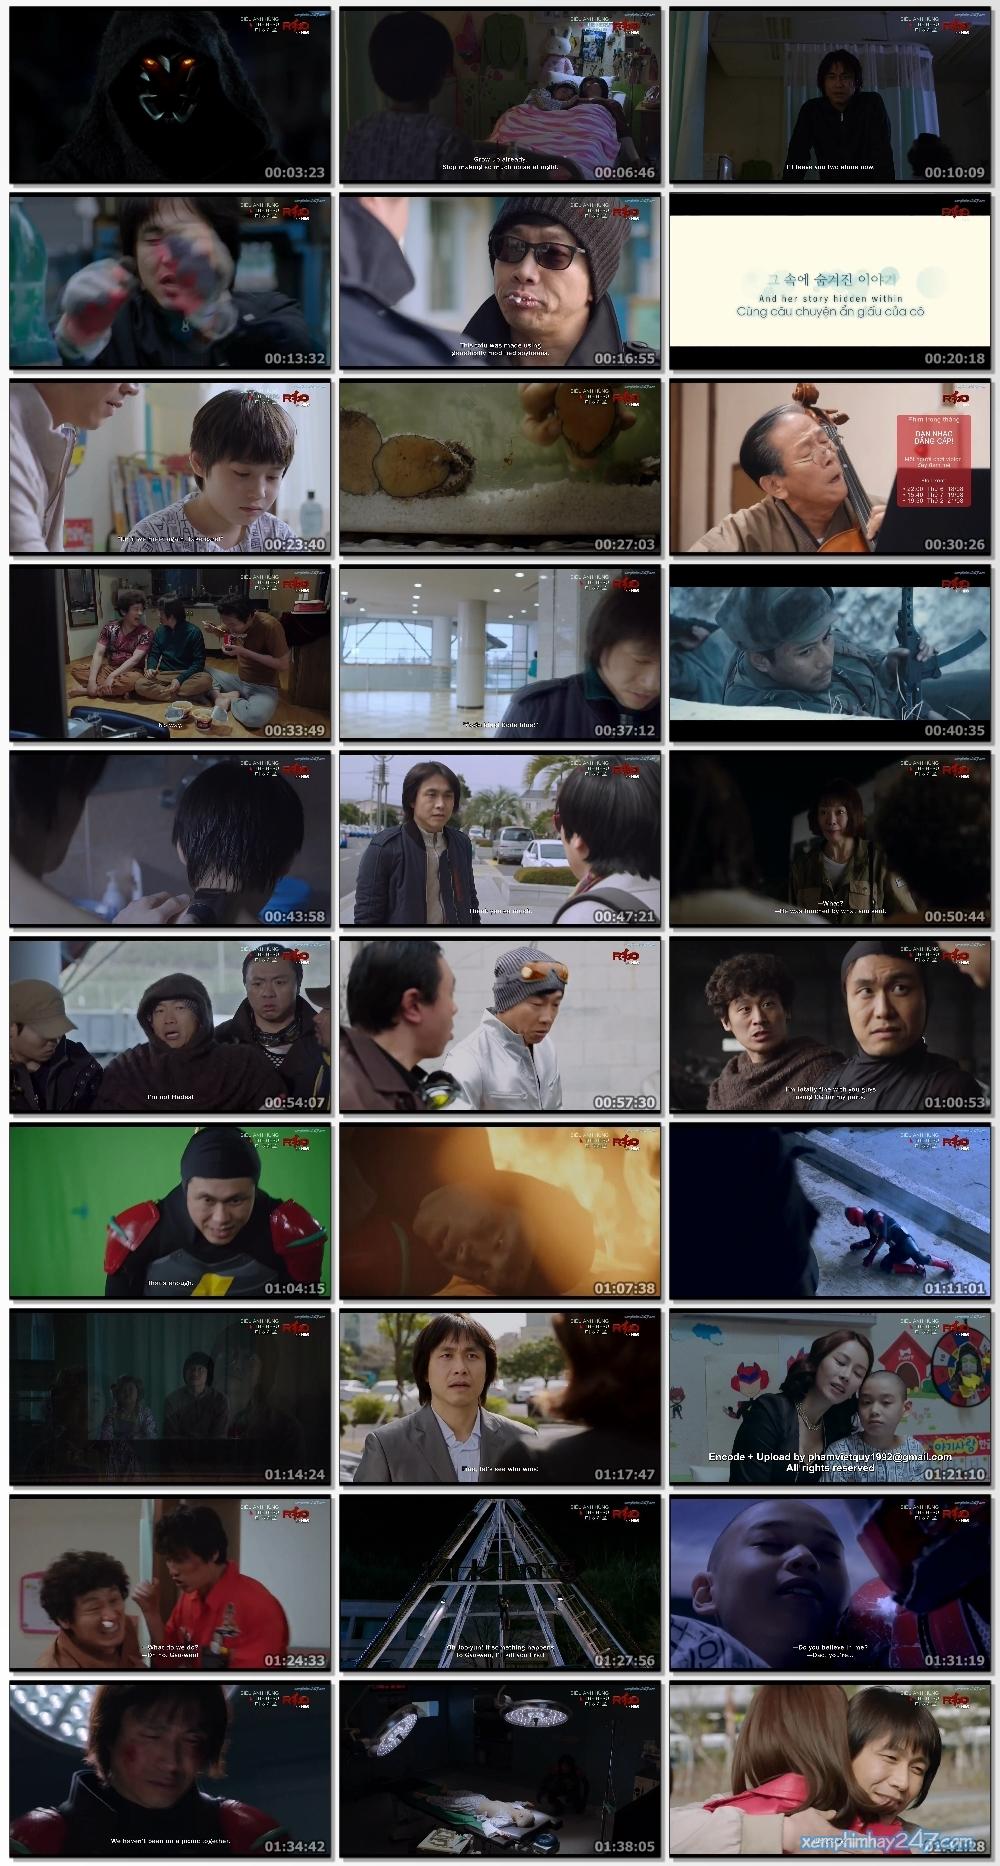 http://xemphimhay247.com - Xem phim hay 247 - Siêu Anh Hùng (2013) - The Hero (2013)